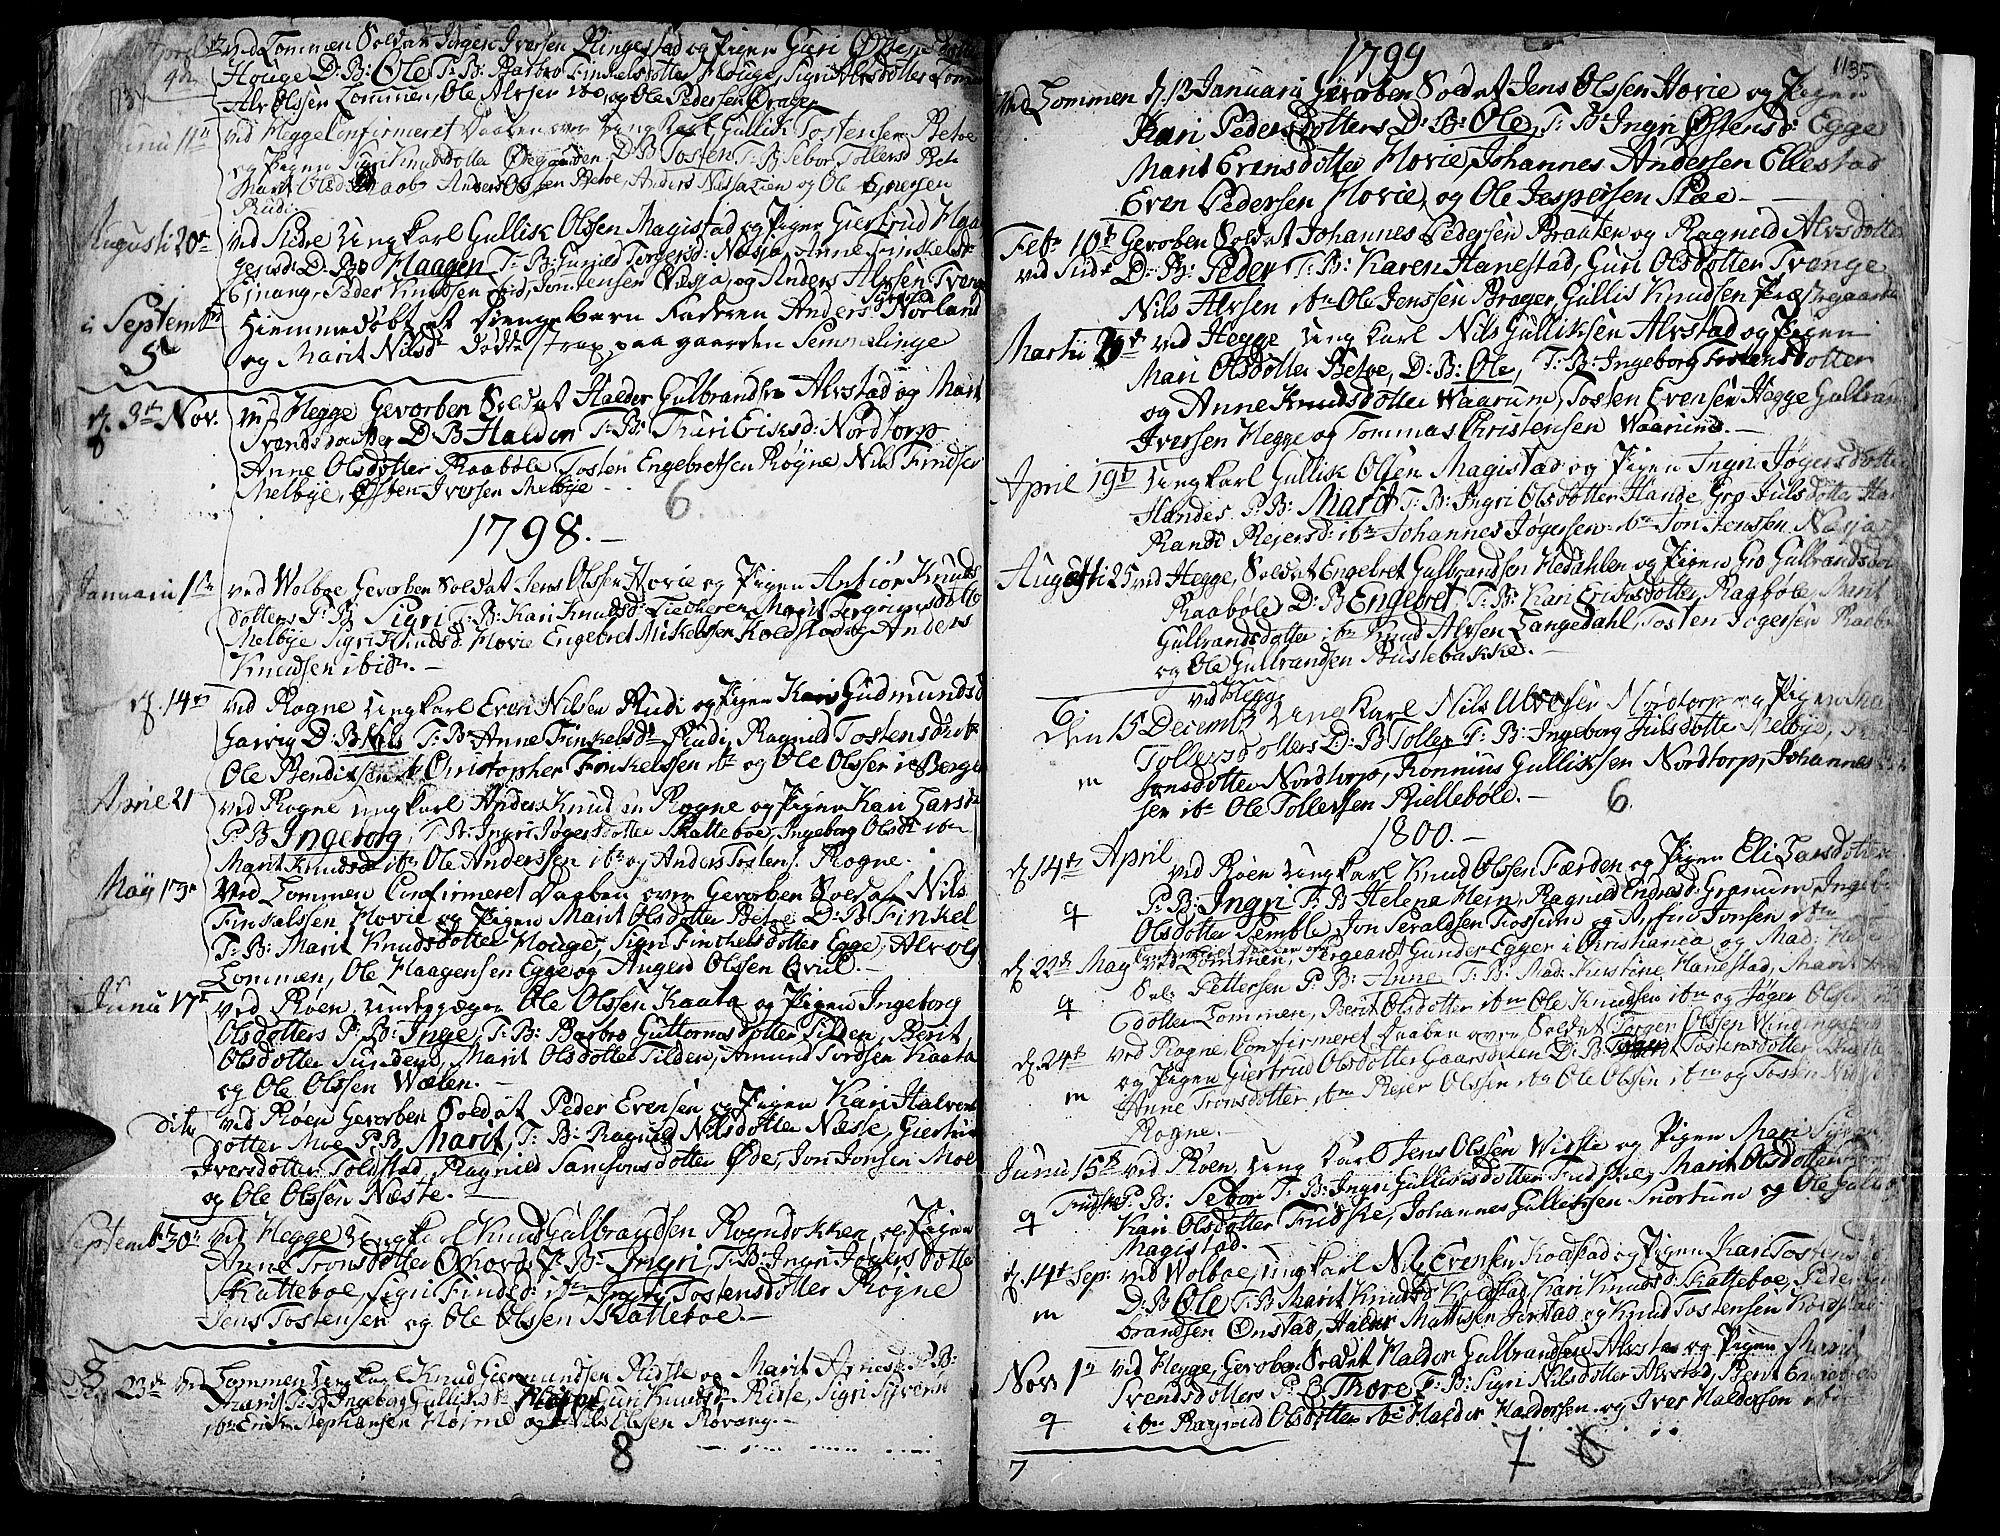 SAH, Slidre prestekontor, Ministerialbok nr. 1, 1724-1814, s. 1134-1135